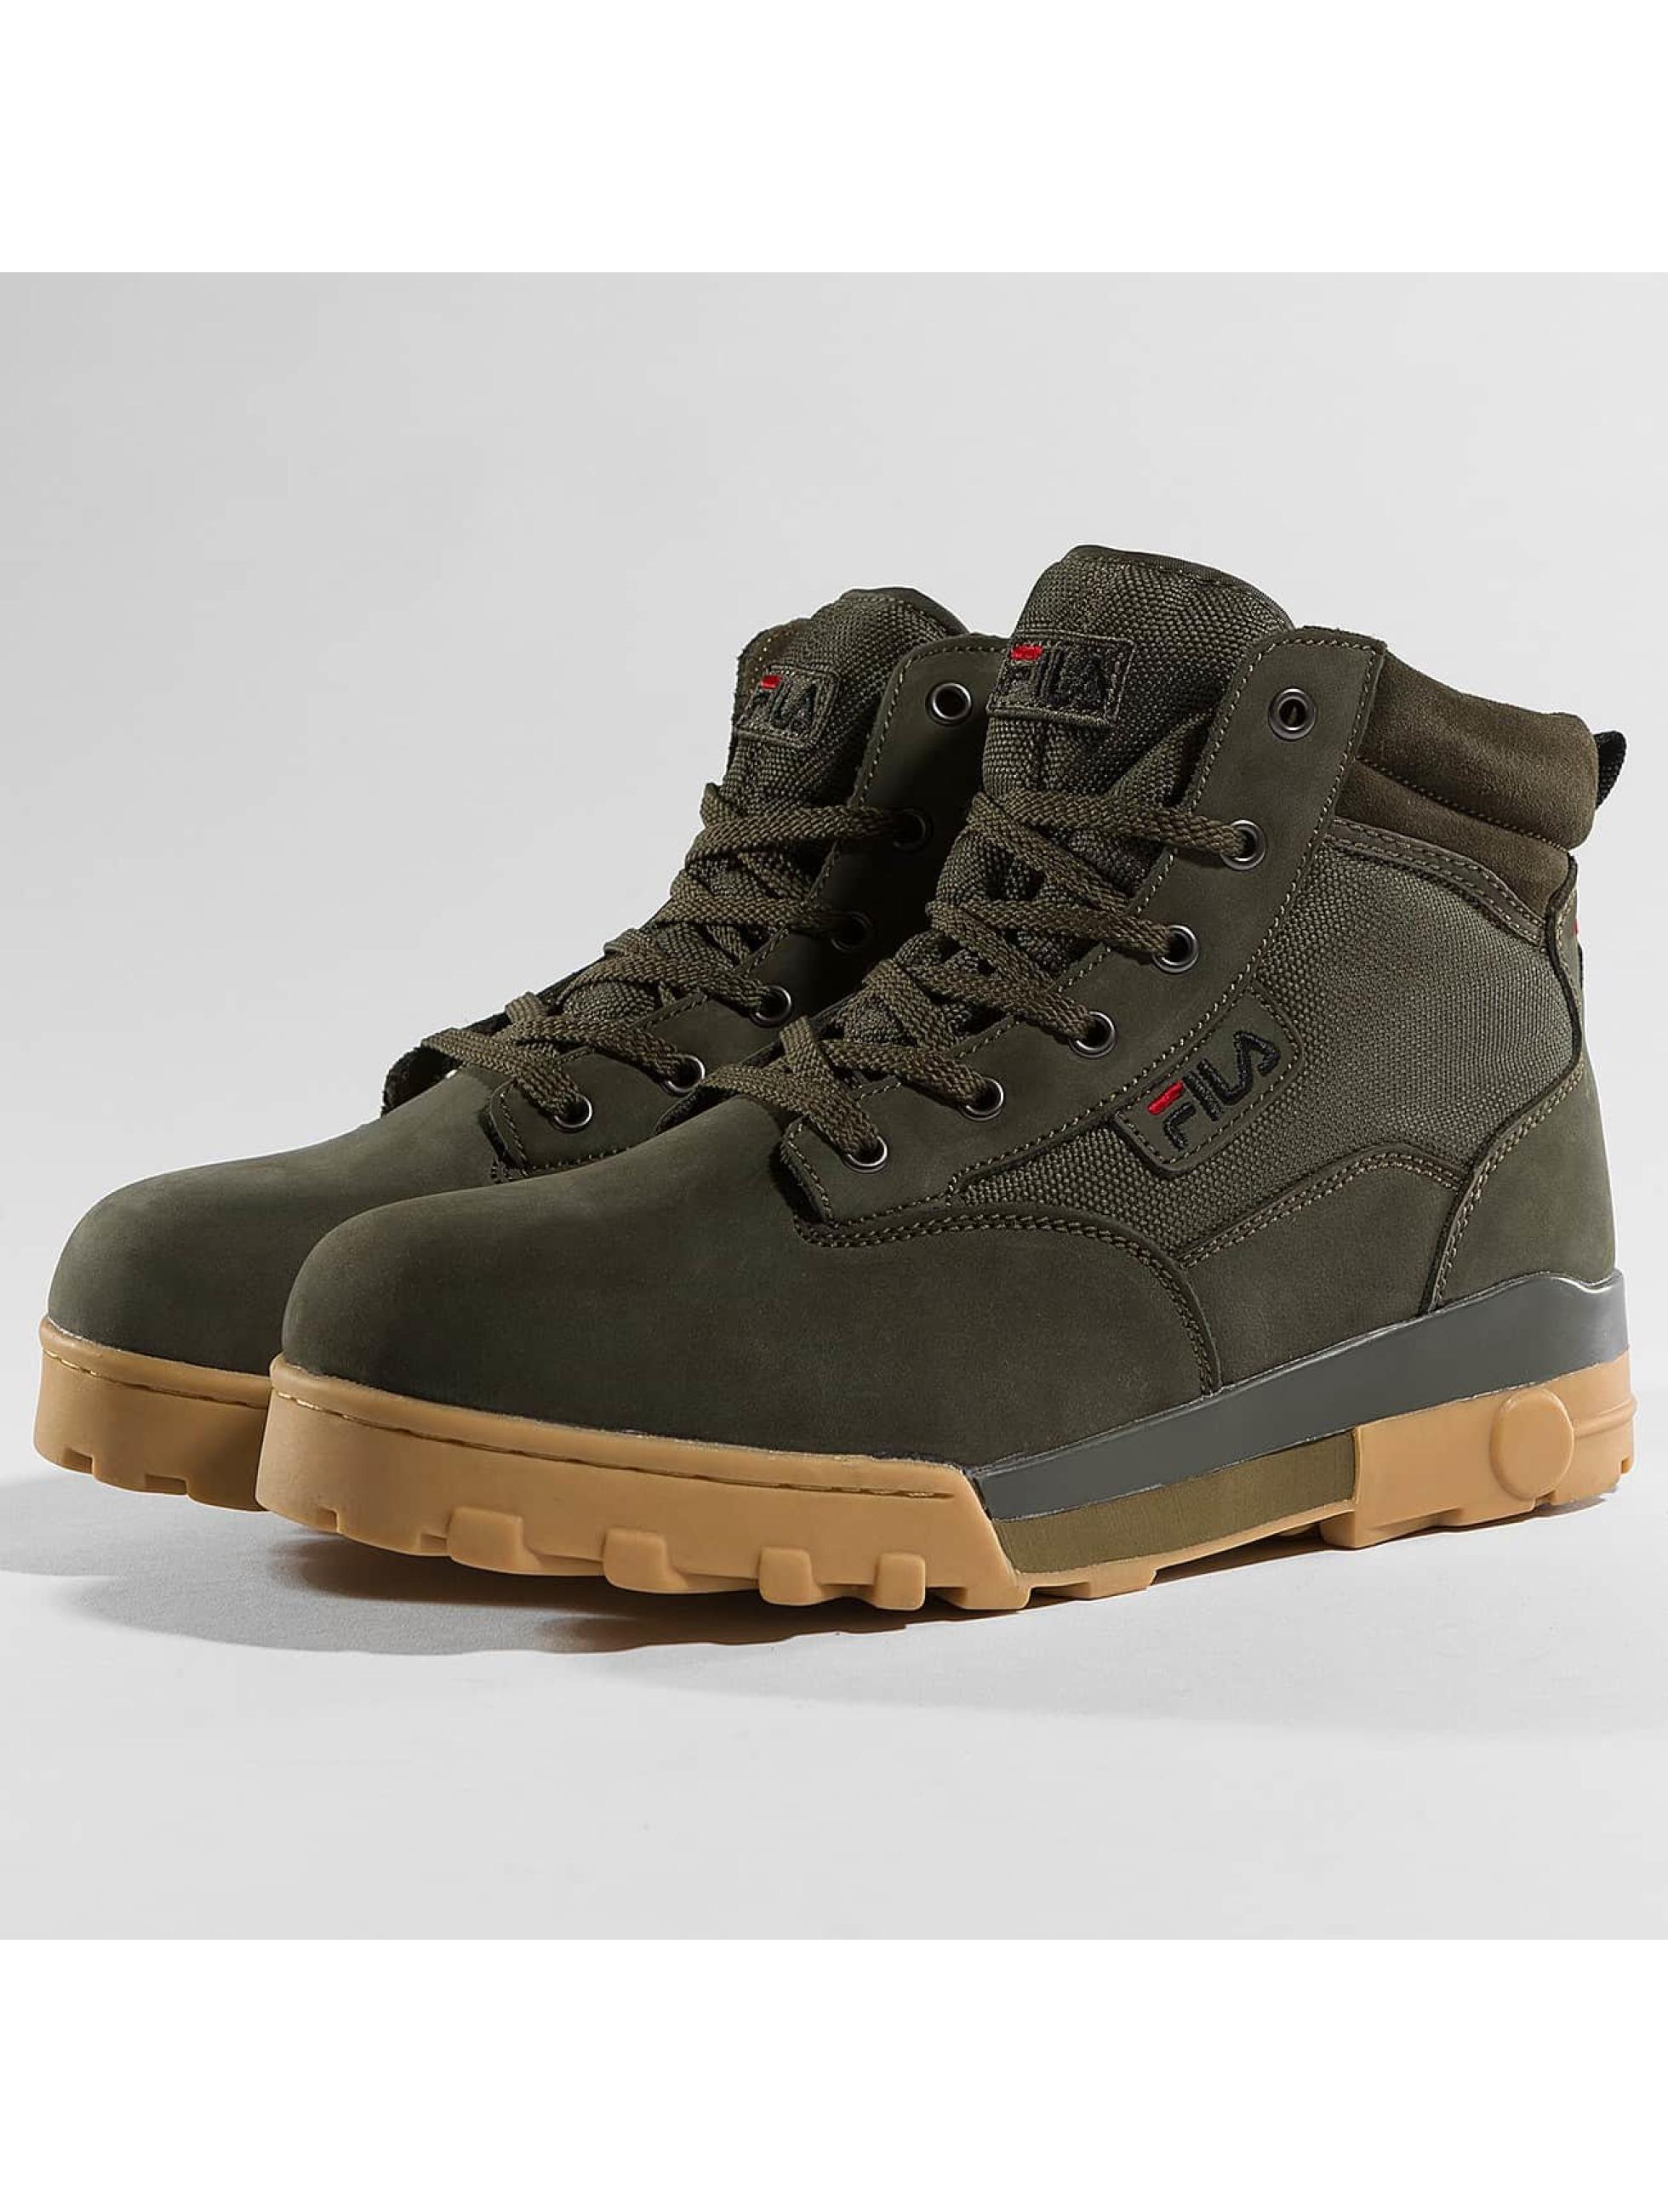 fila herren boots heritage grunge mid in olive 392131. Black Bedroom Furniture Sets. Home Design Ideas